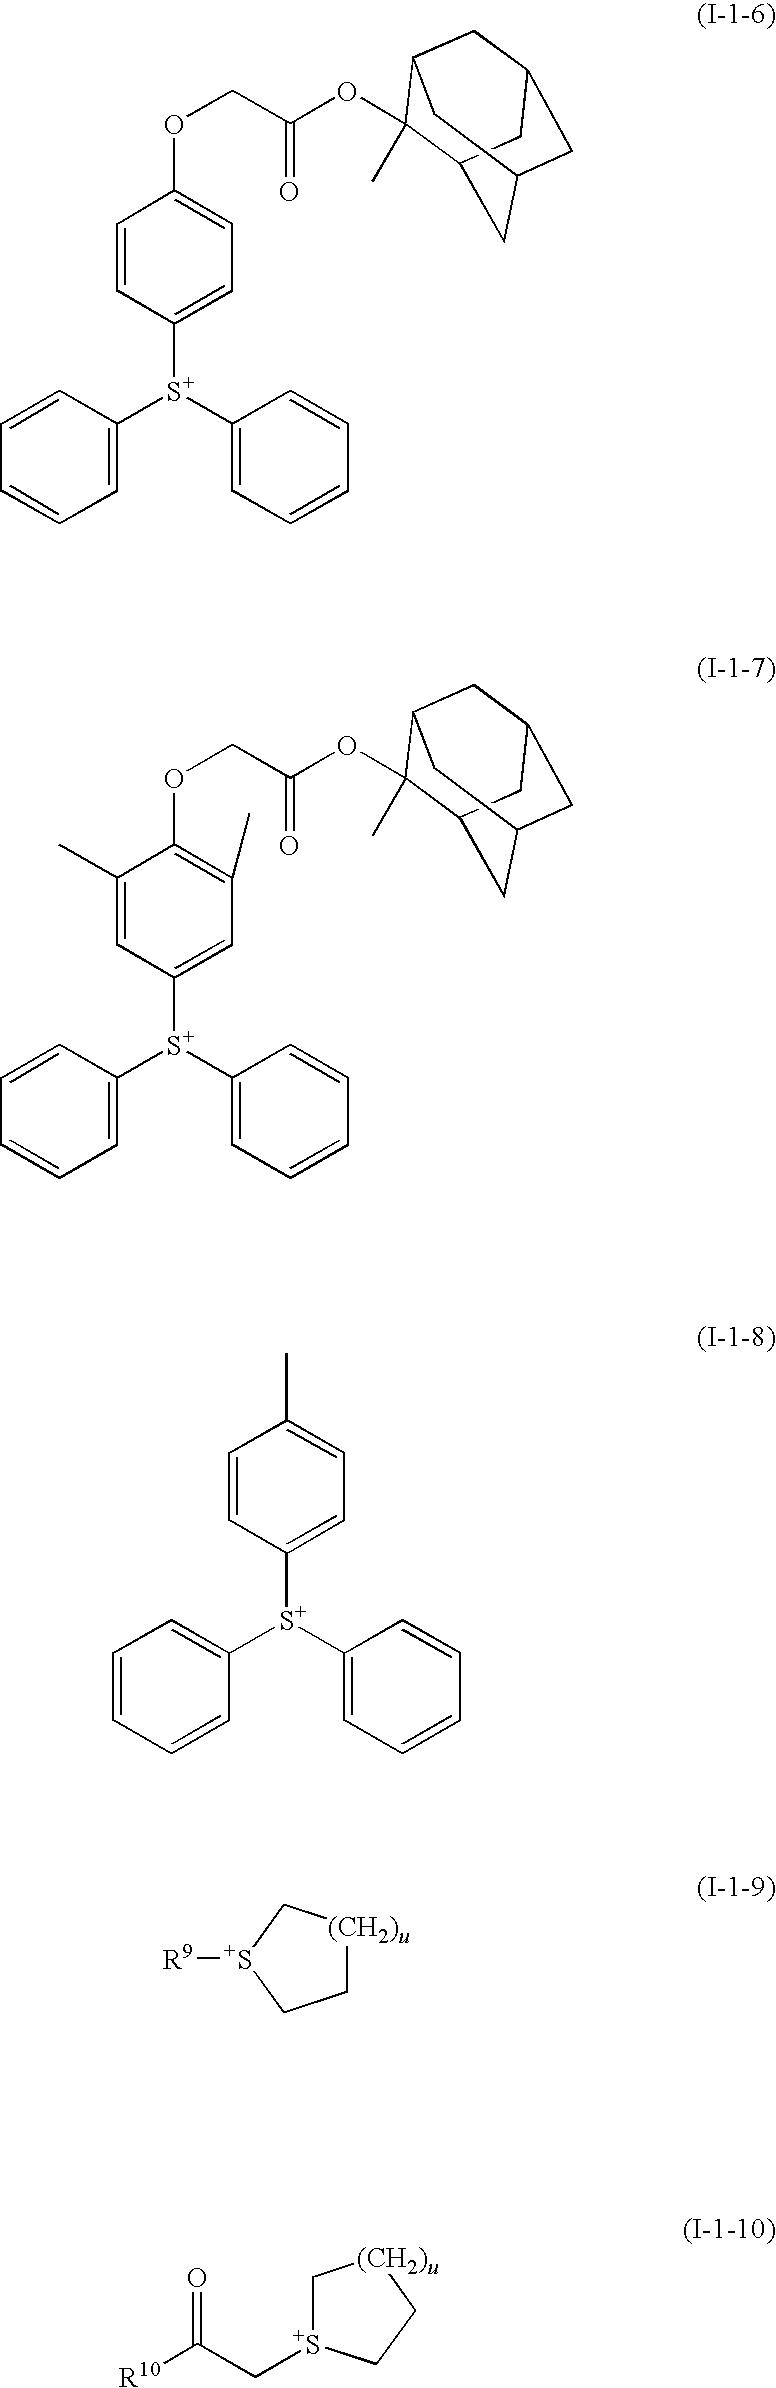 Figure US20100136480A1-20100603-C00080